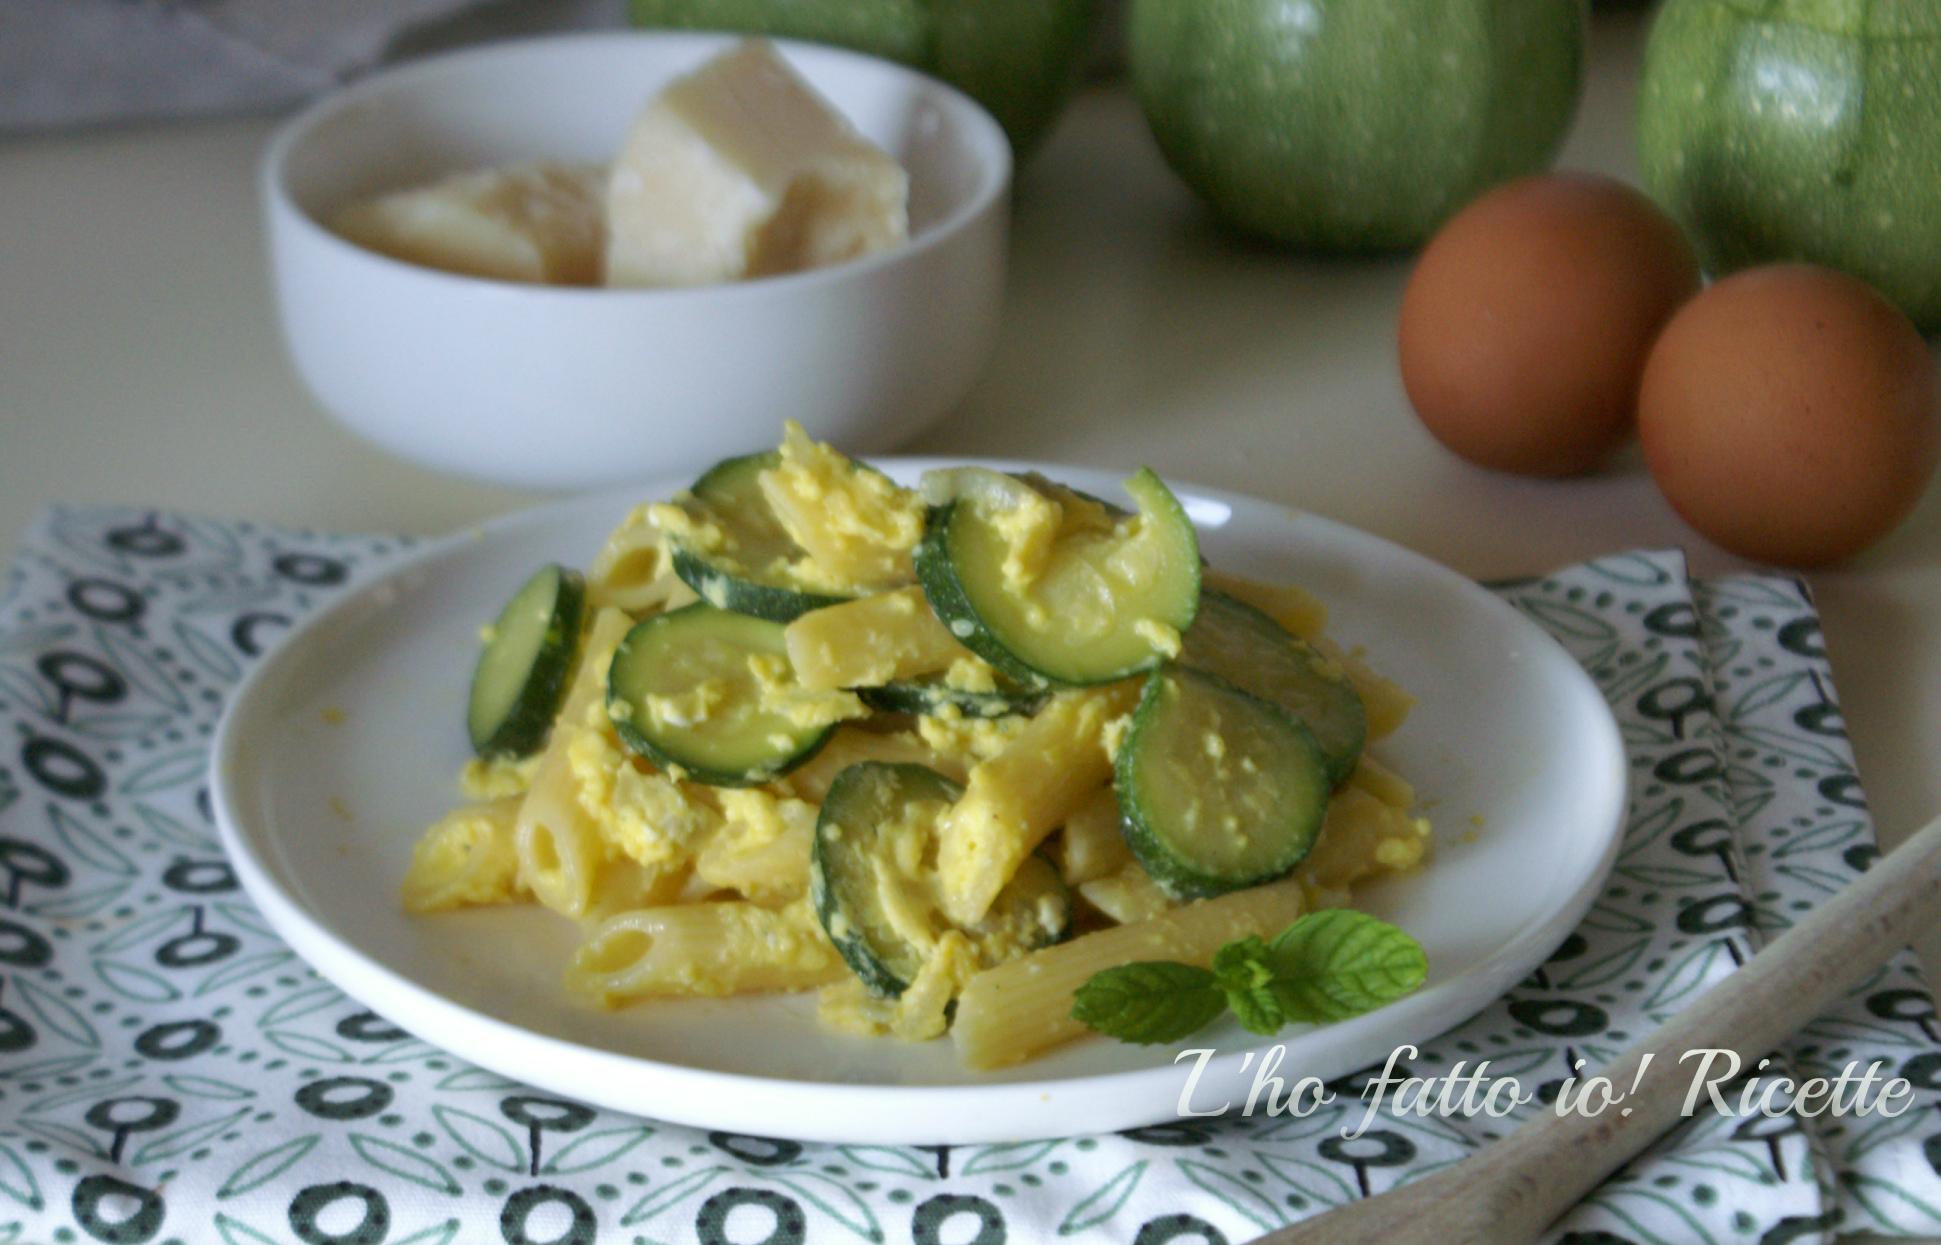 Penne rigate con uova e zucchine